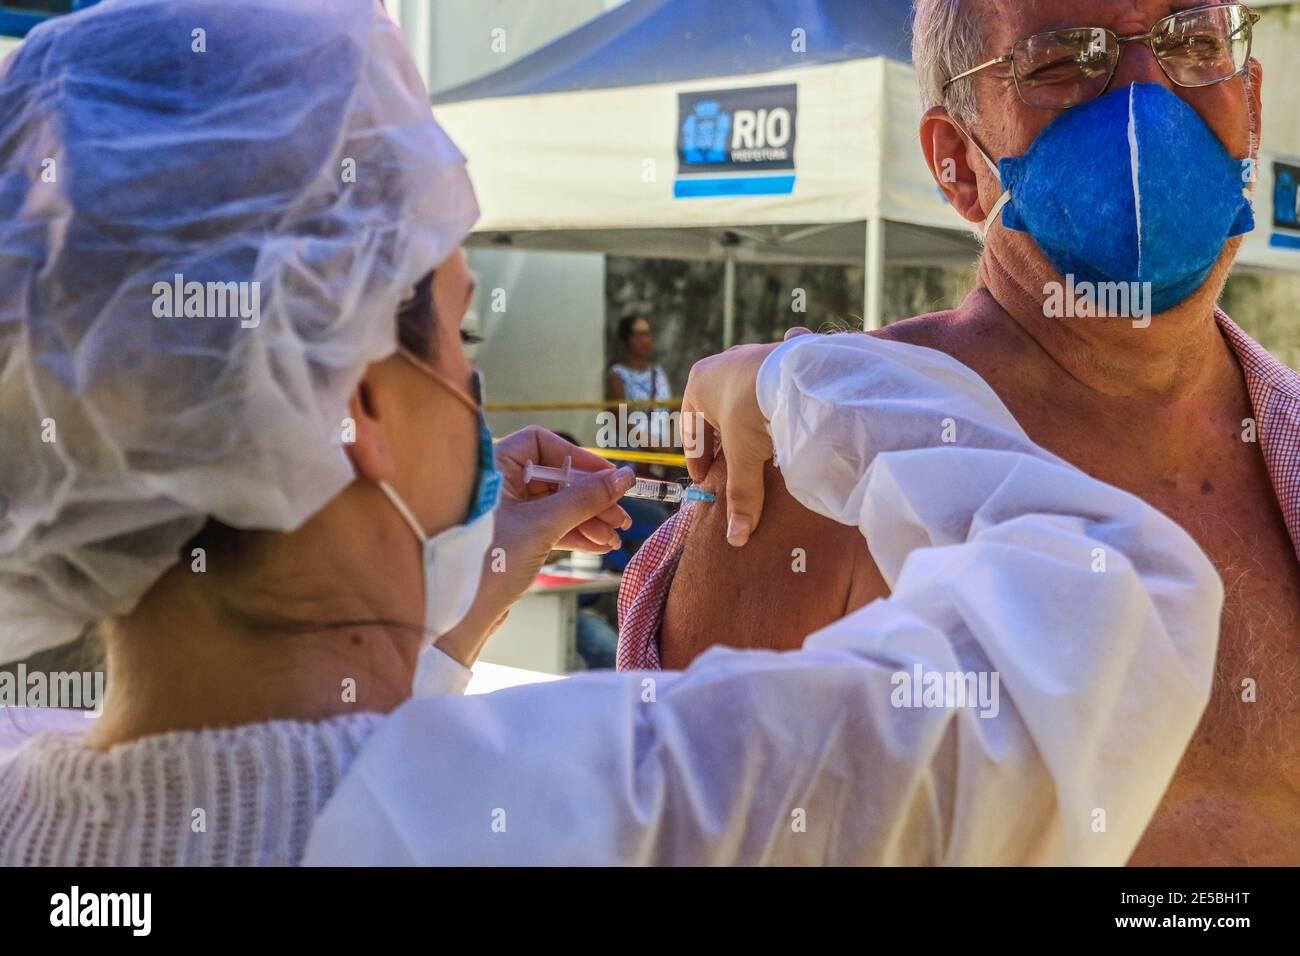 Río de Janeiro, Brasil. 27 de enero de 2021: BRASIL. RÍO DE JANEIRO. COVID-19. El ayuntamiento comienza este miércoles (27), una nueva fase de vacunación contra el covid-19 con las vacunas Oxforf, de AstraZeneca. Los profesionales de la salud y los ancianos son las preferencias en la vacunación que se dan en los puestos de vacunación del ayuntamiento como en la foto, el puesto municipal Dom Helder CÃ mara, Botafogo, zona sur. Crédito: Ellan Lustosa/ZUMA Wire/Alamy Live News Foto de stock